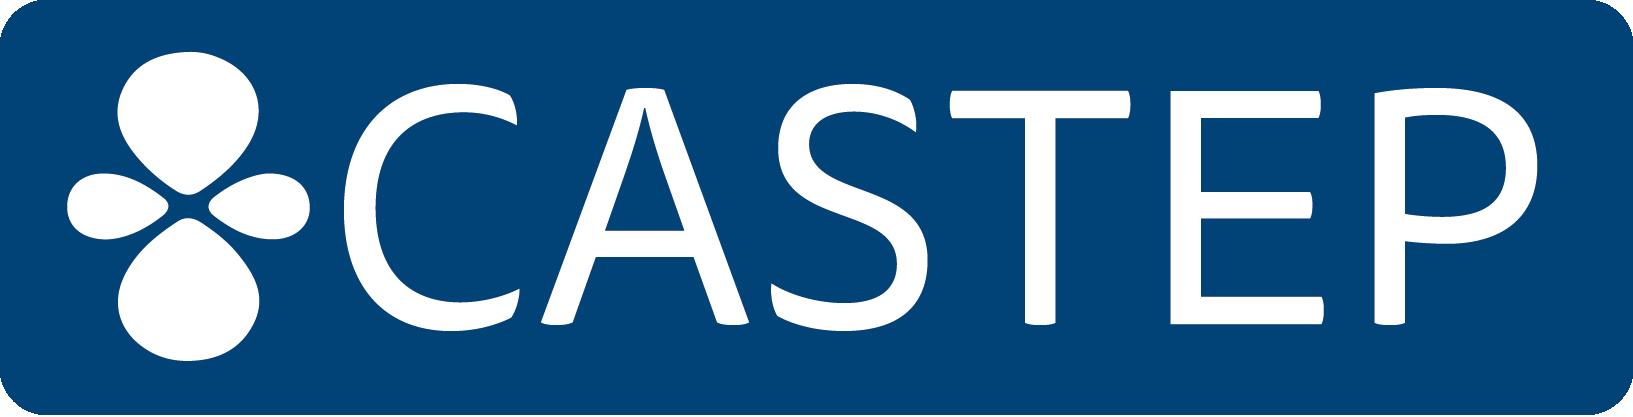 CASTEP logo inline